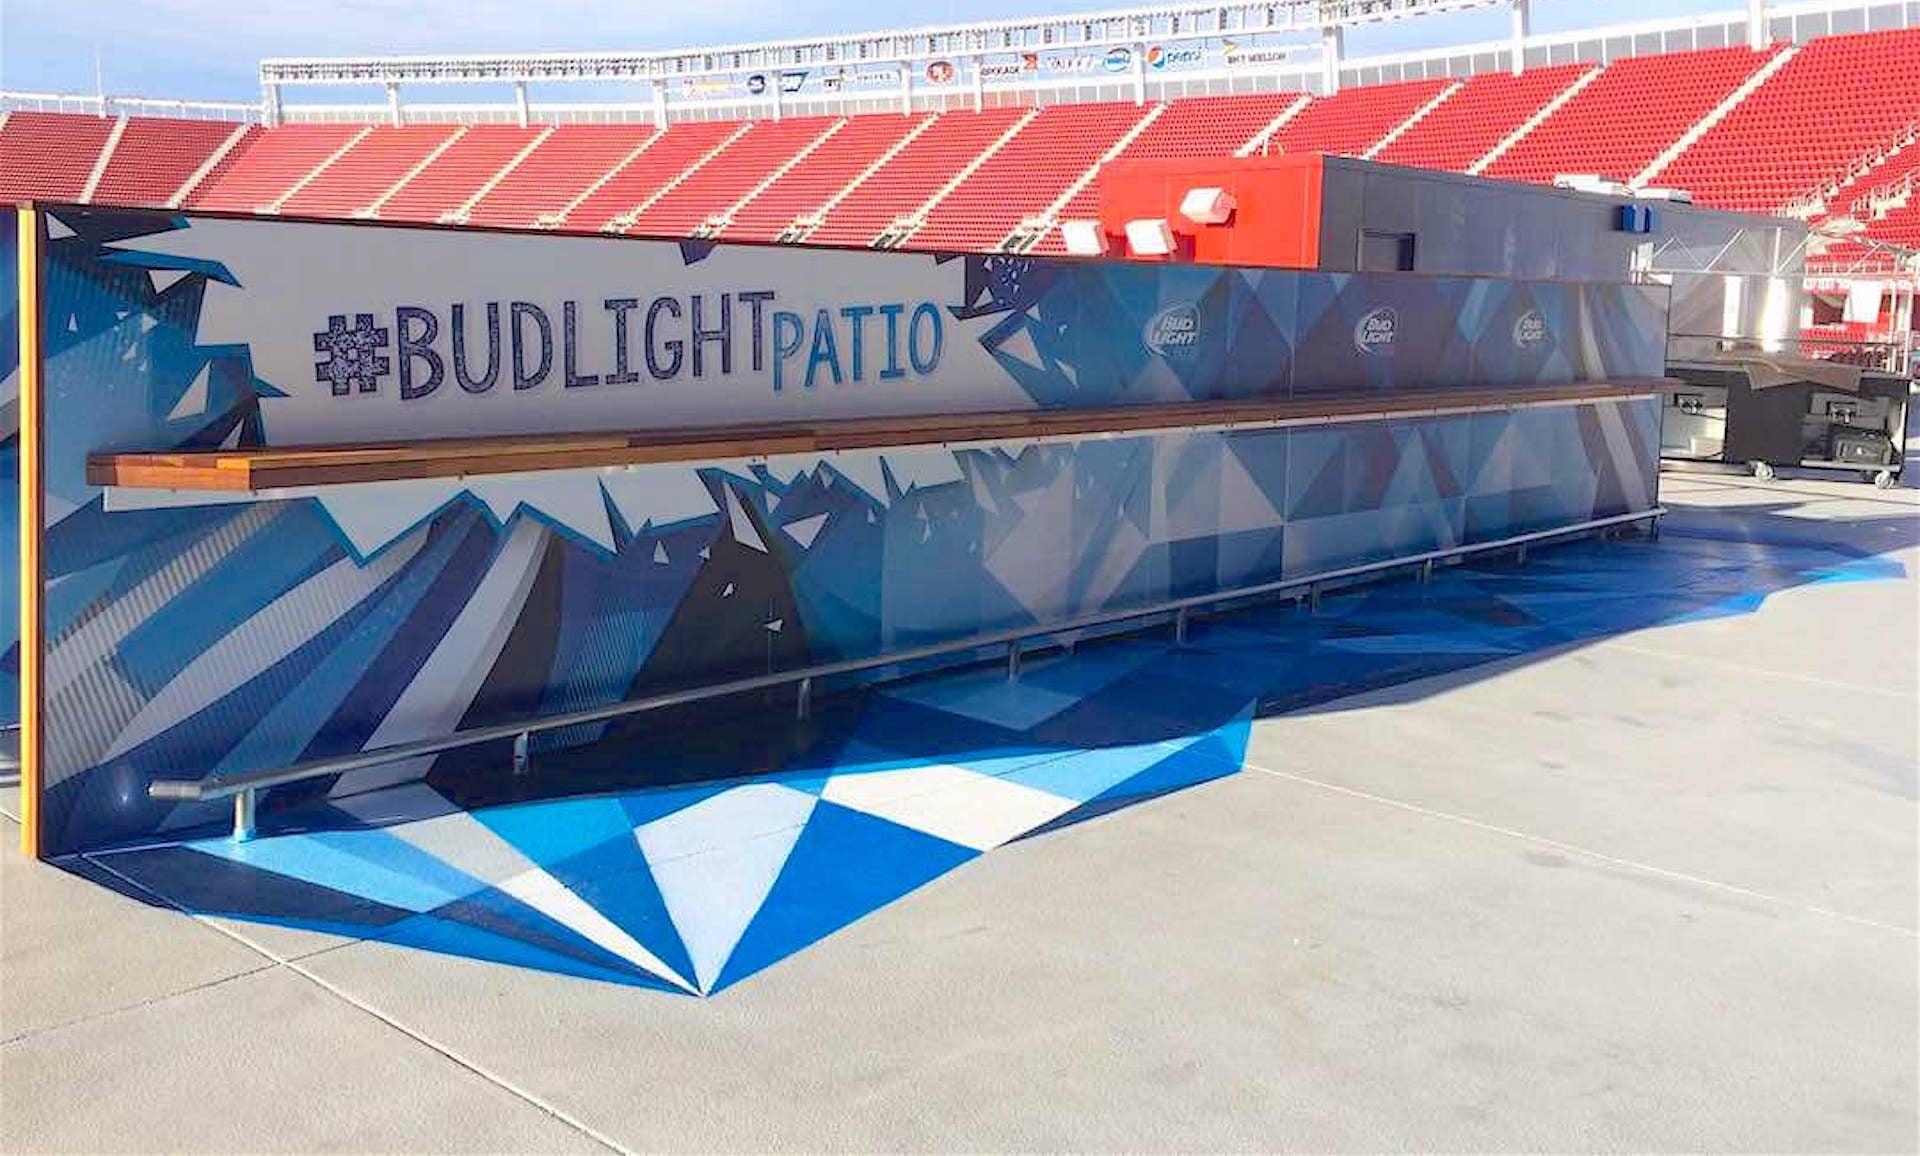 Commissioned Floor Mural for GPJ | Levi's Stadium, Santa Clara USA, 2015